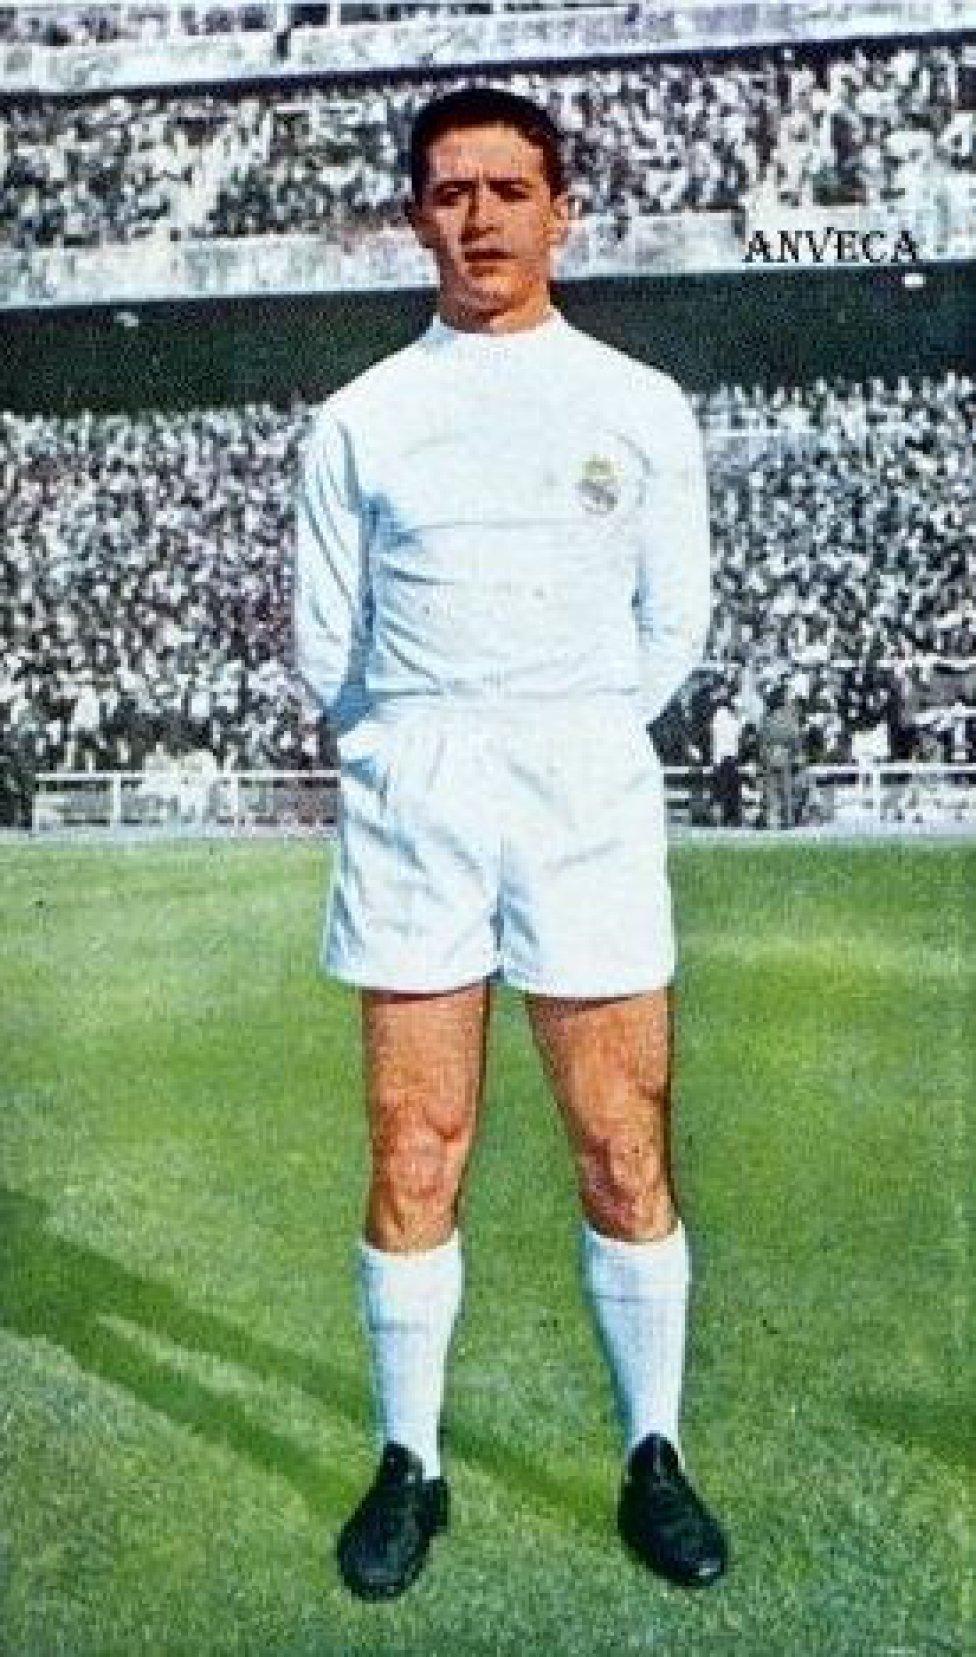 El madrileño estuvo entre 1959 y 1963 en el Real Madrid. En 1963 fichó por el Levante y jugó allí hasta 1965.